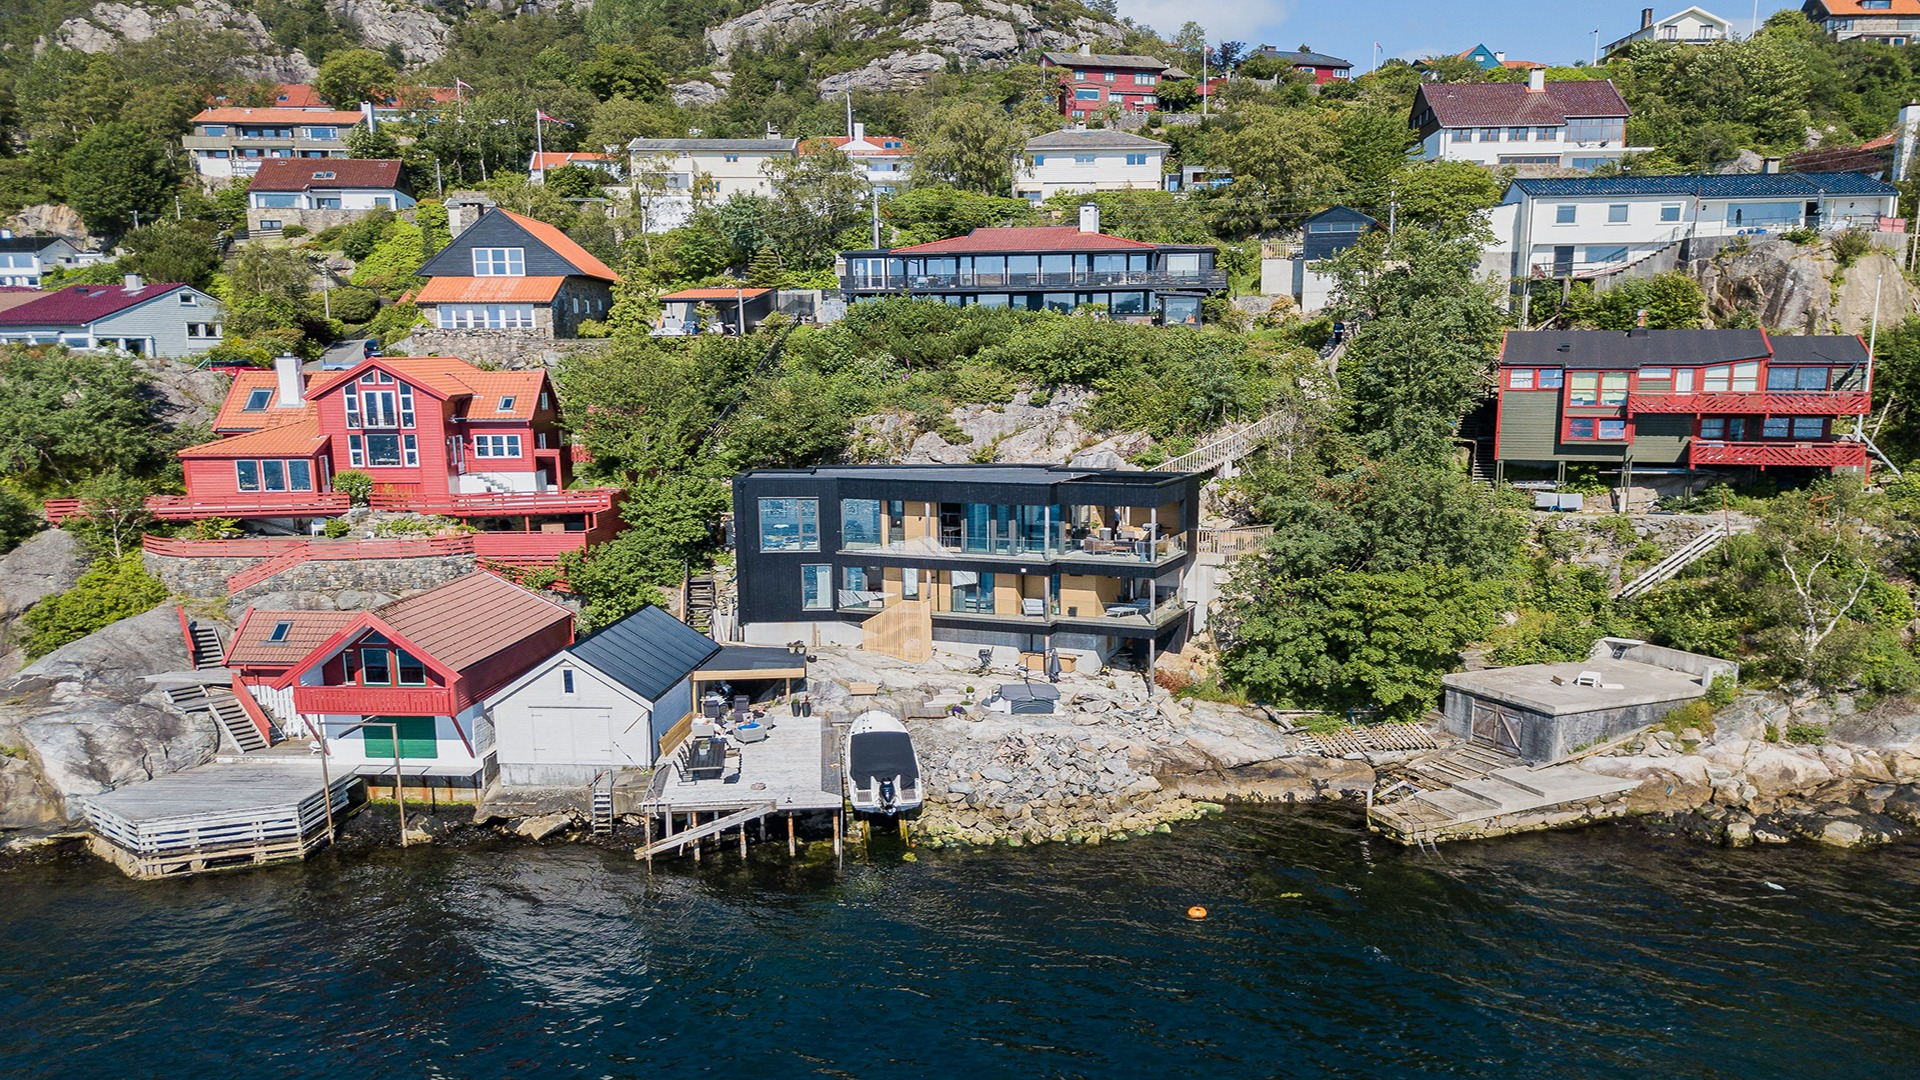 Bratt terreng ned mot sjøen og med eksisterende bebyggelse gjorde byggingen utfordrende